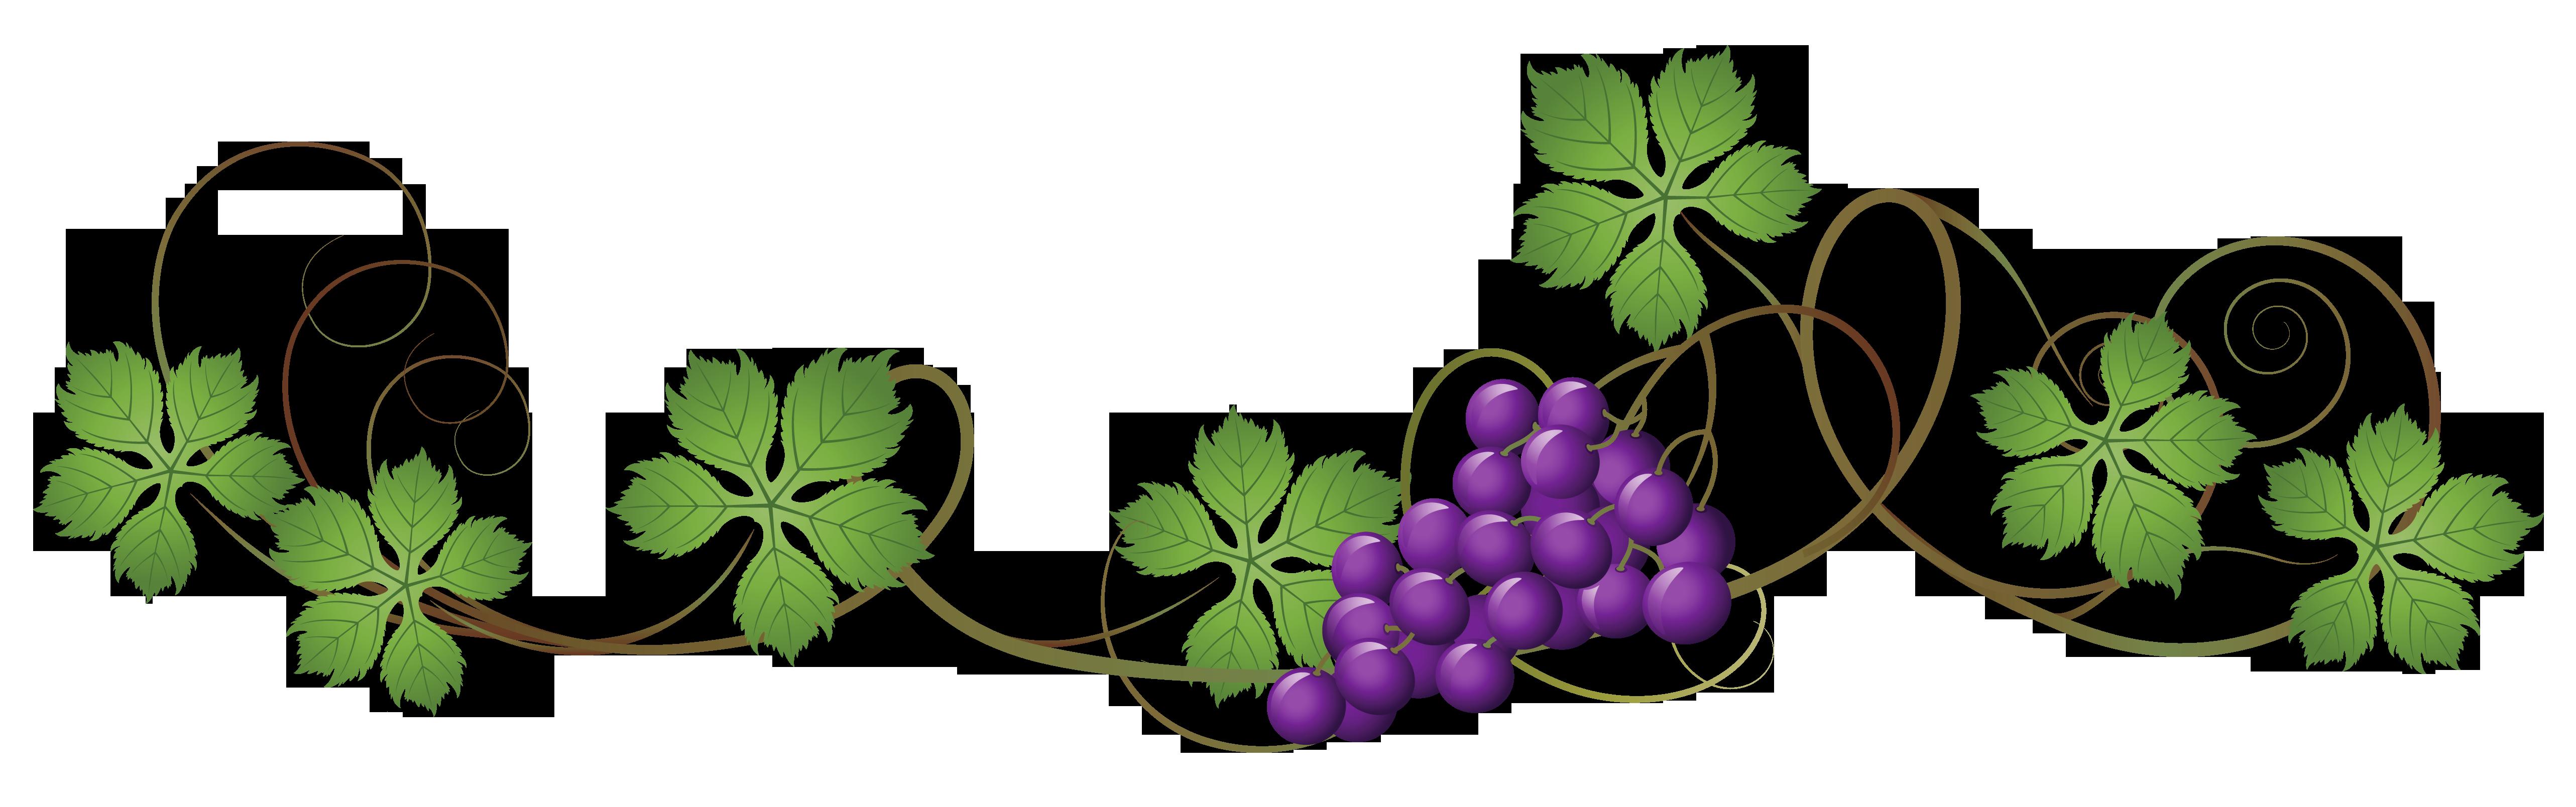 Vine Decoration Png Clipart Picture Png 5130 1608 Vine Decoration Clip Art Clip Art Borders